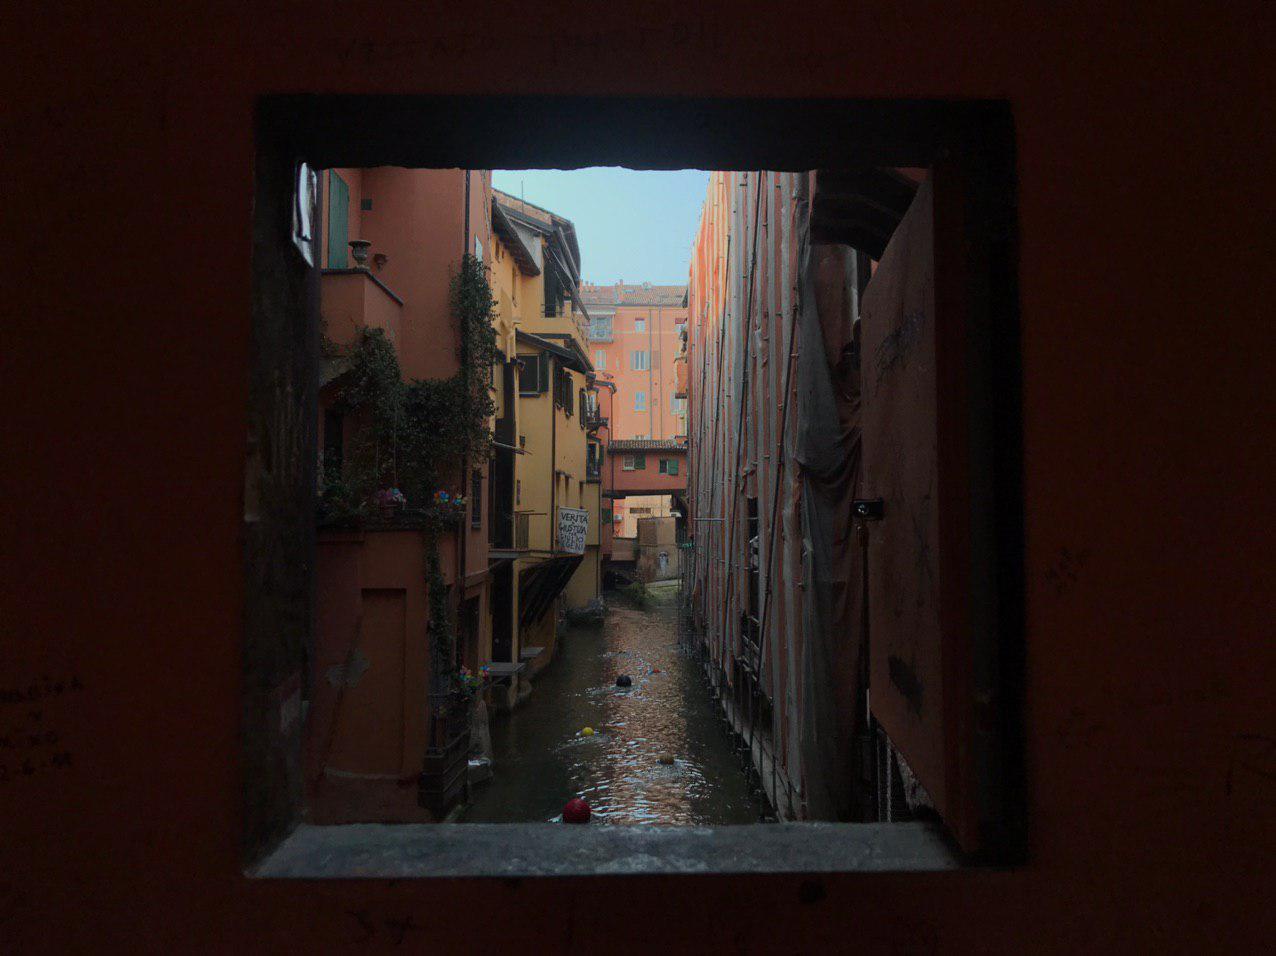 Cosa vedere a Bologna Arte e musei - Finestrella di via Piella Bologna